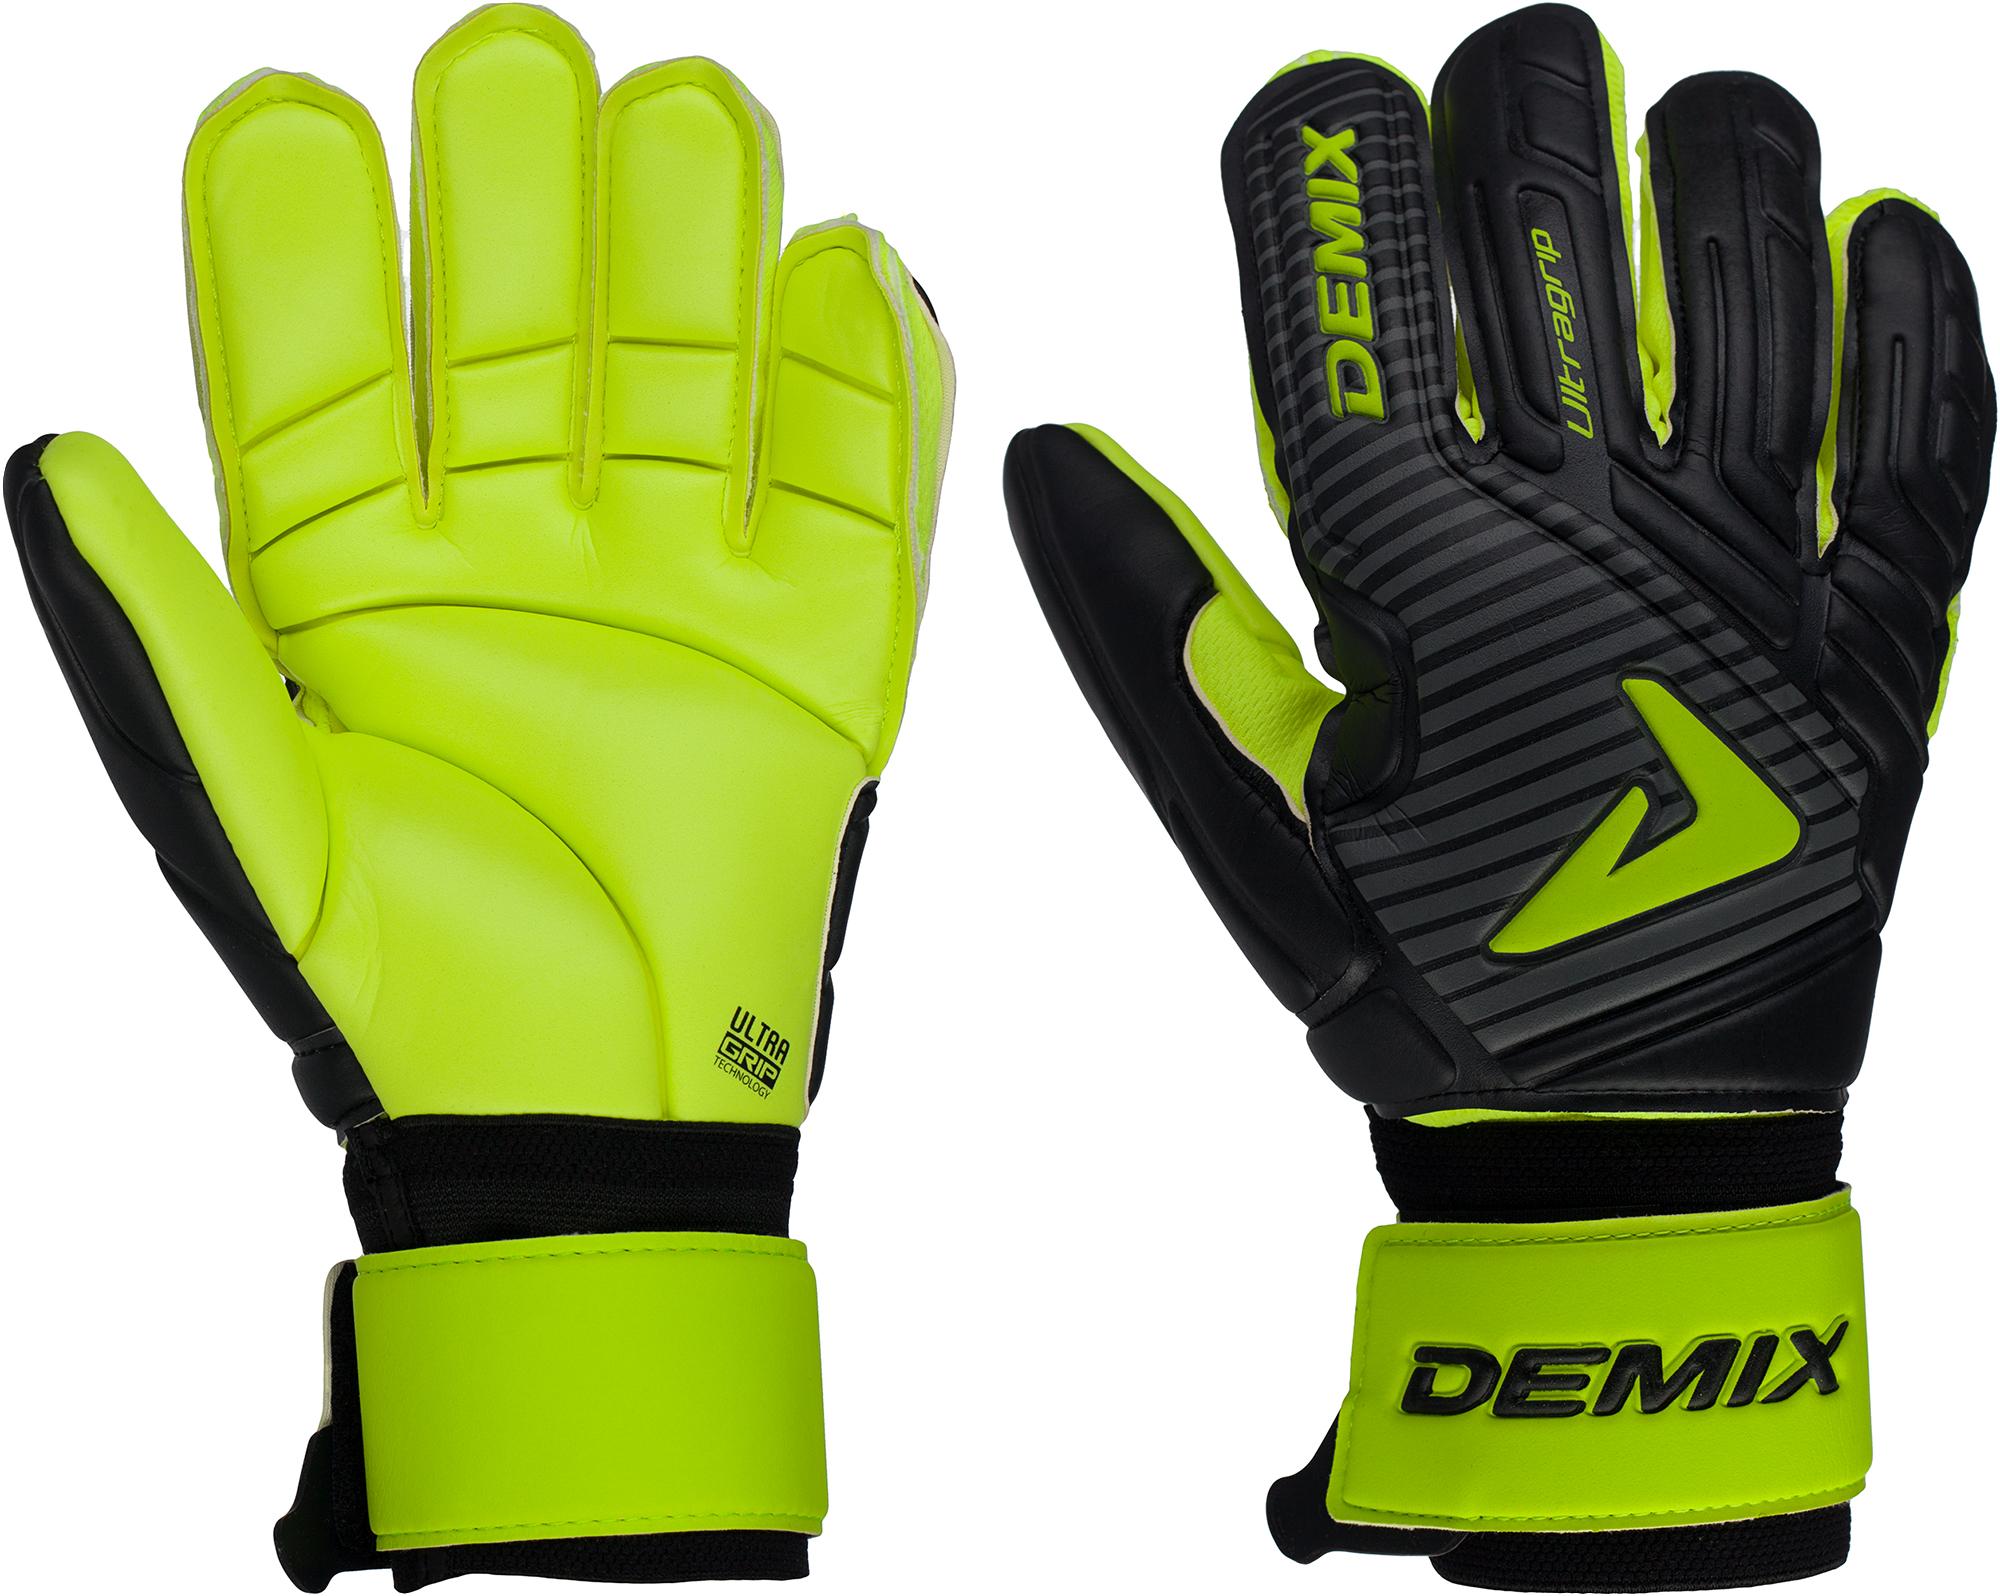 Demix Перчатки вратарские Demix, размер 10 demix перчатки вратарские demix размер 11